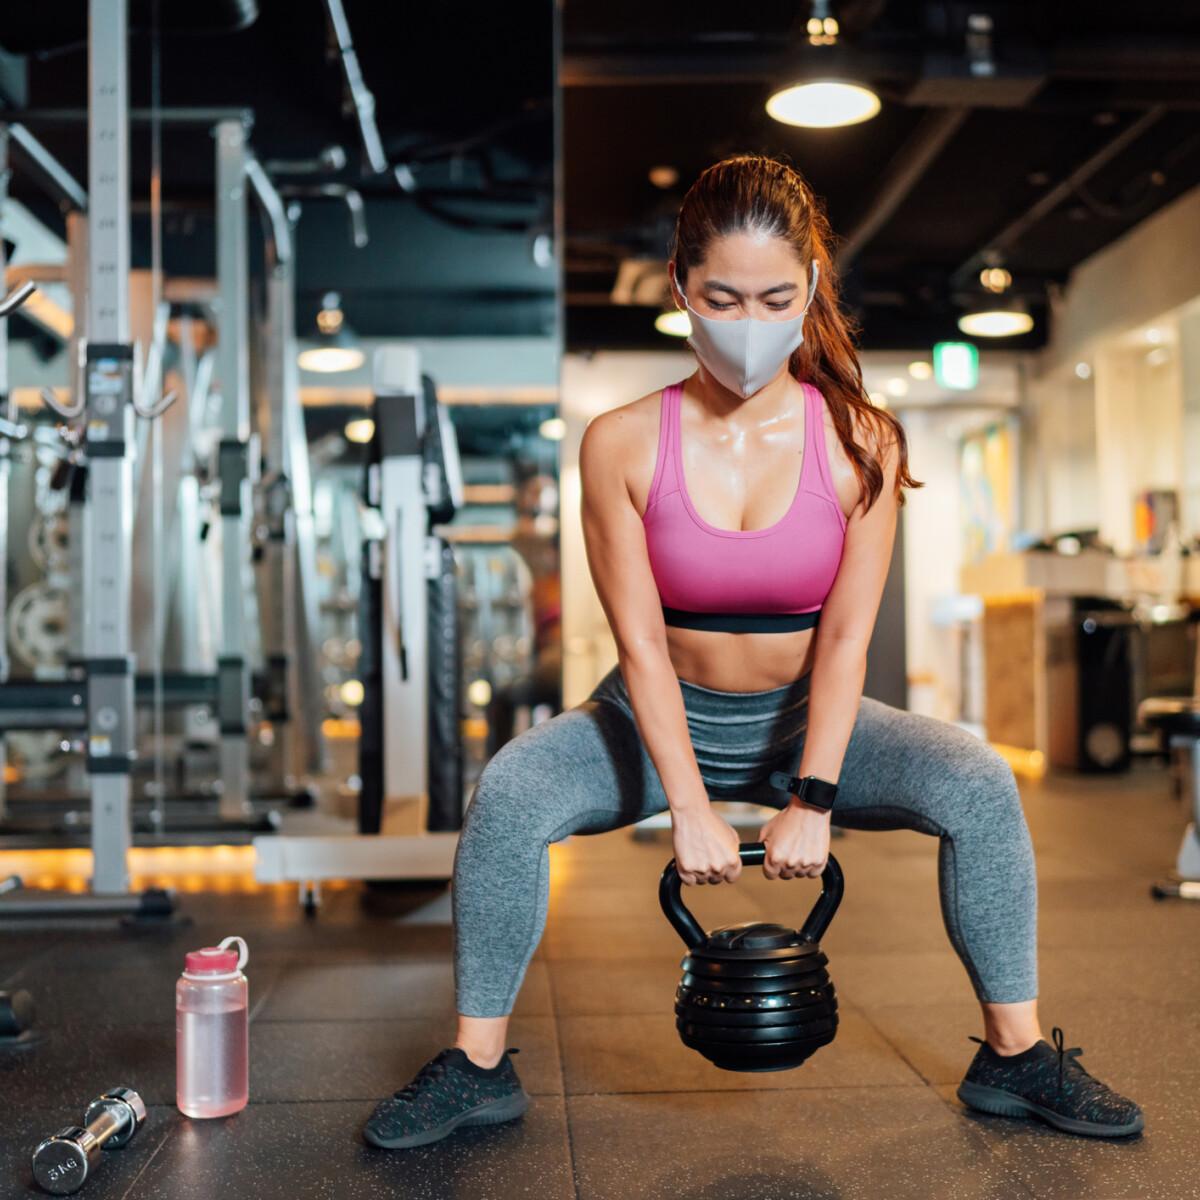 Ennyi idő után kezdhetsz el (újra) sportolni, ha elkaptad a koronavírust